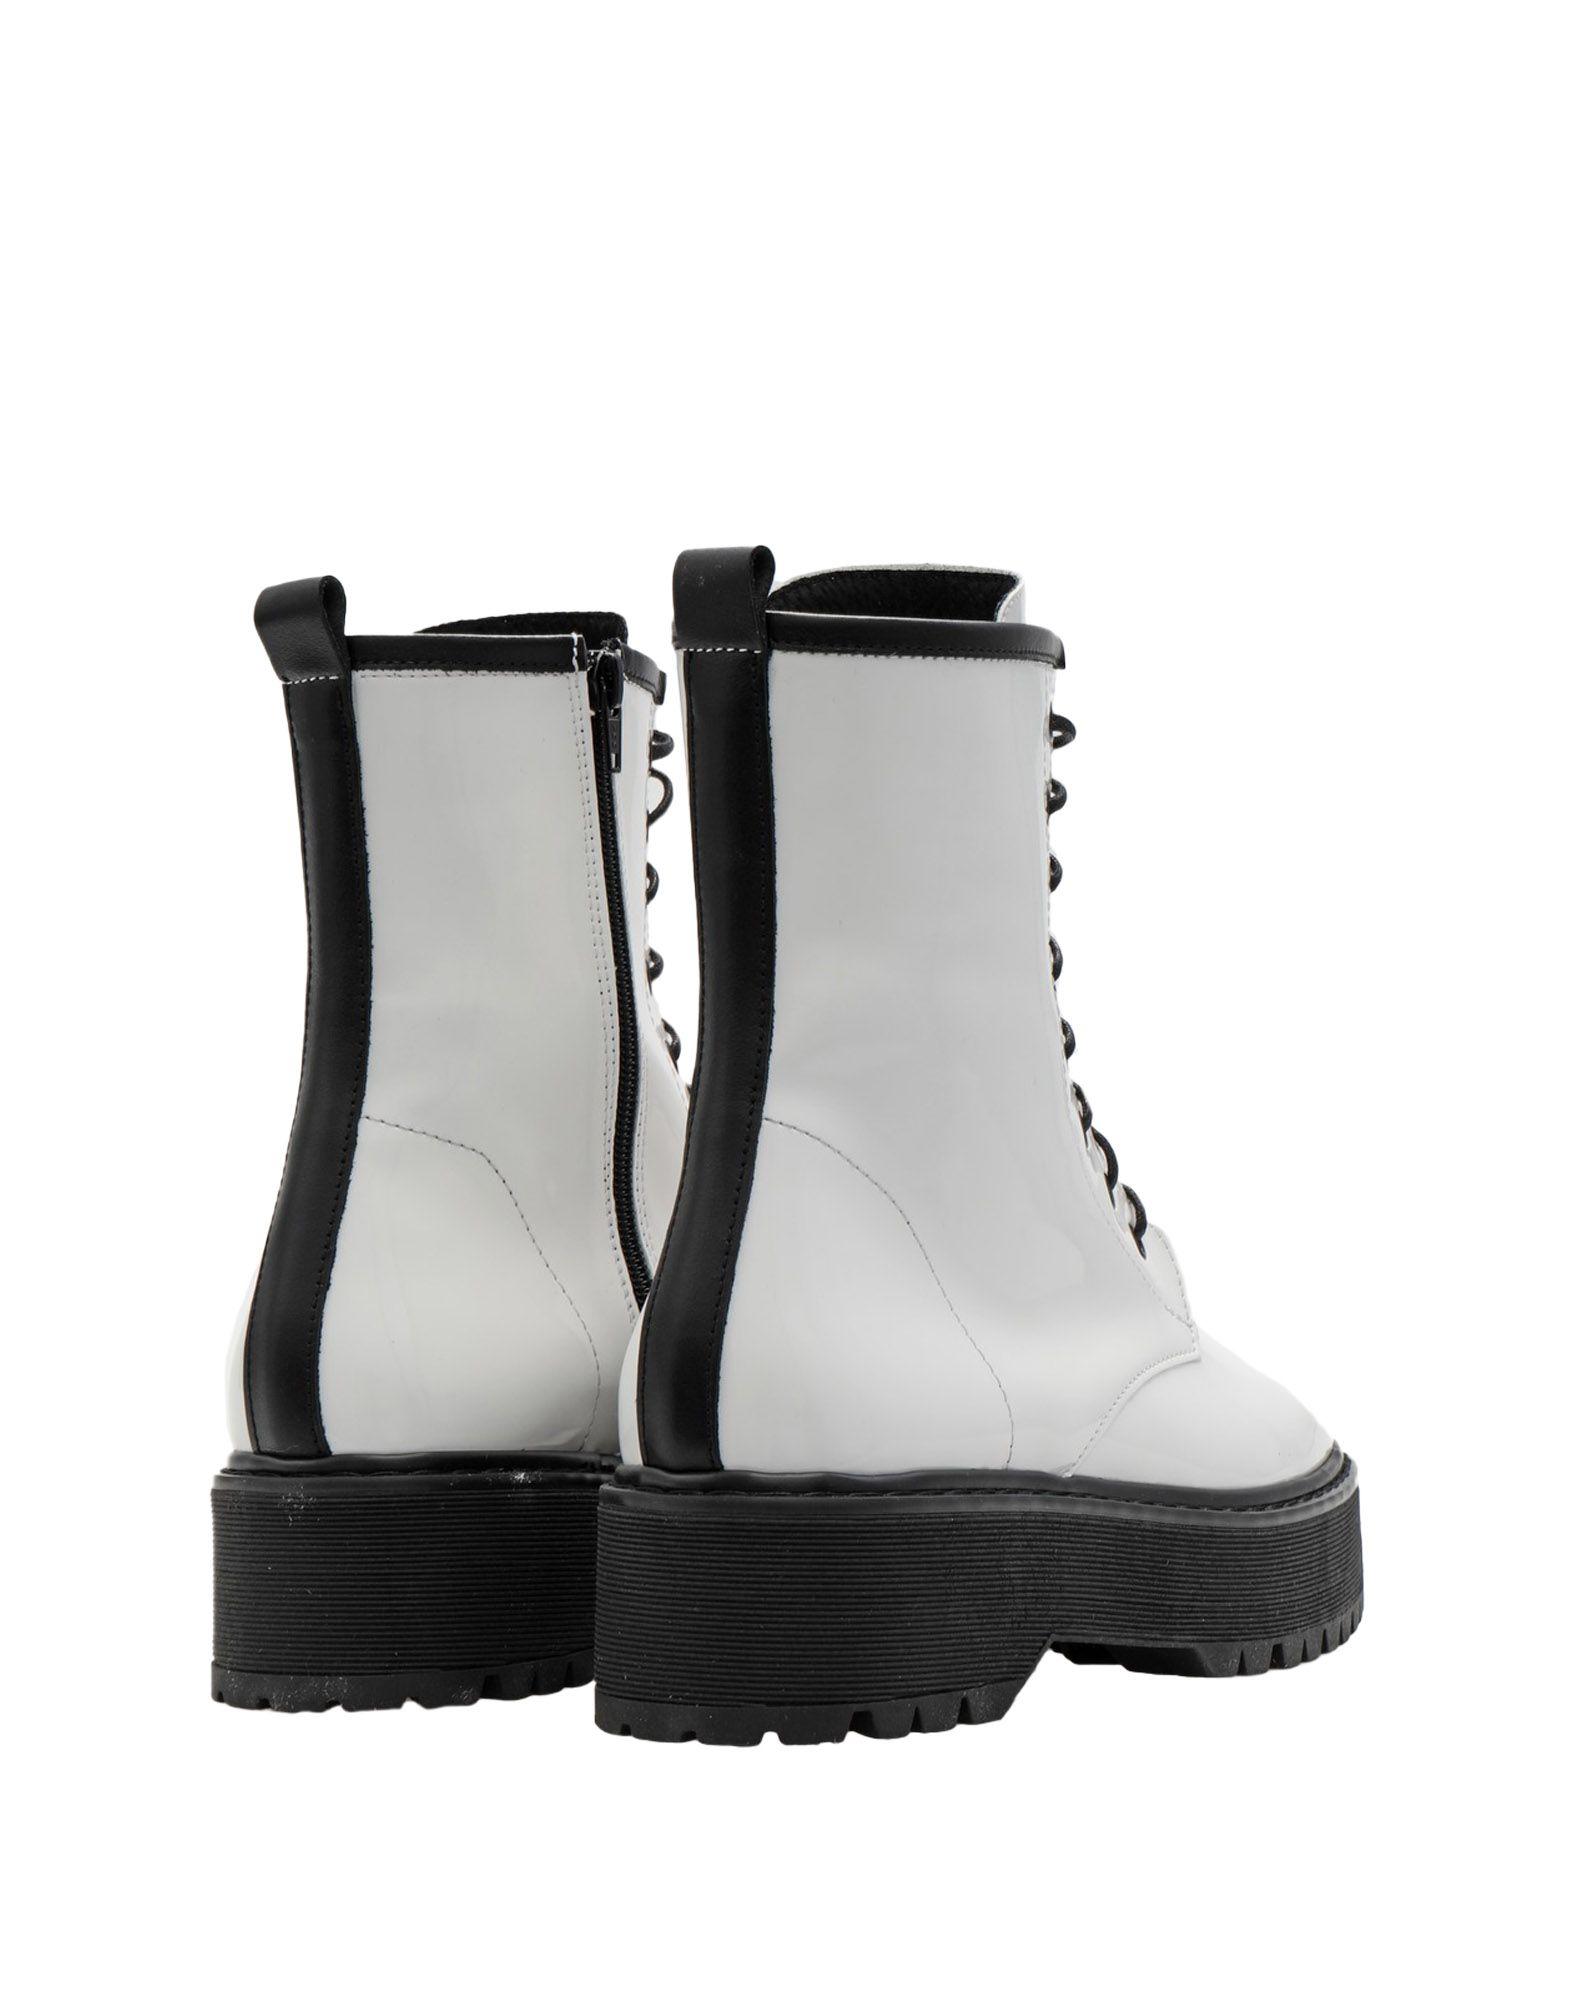 Pierre Darré Stiefelette Qualität Damen  11524548UG Gute Qualität Stiefelette beliebte Schuhe 33bdb3